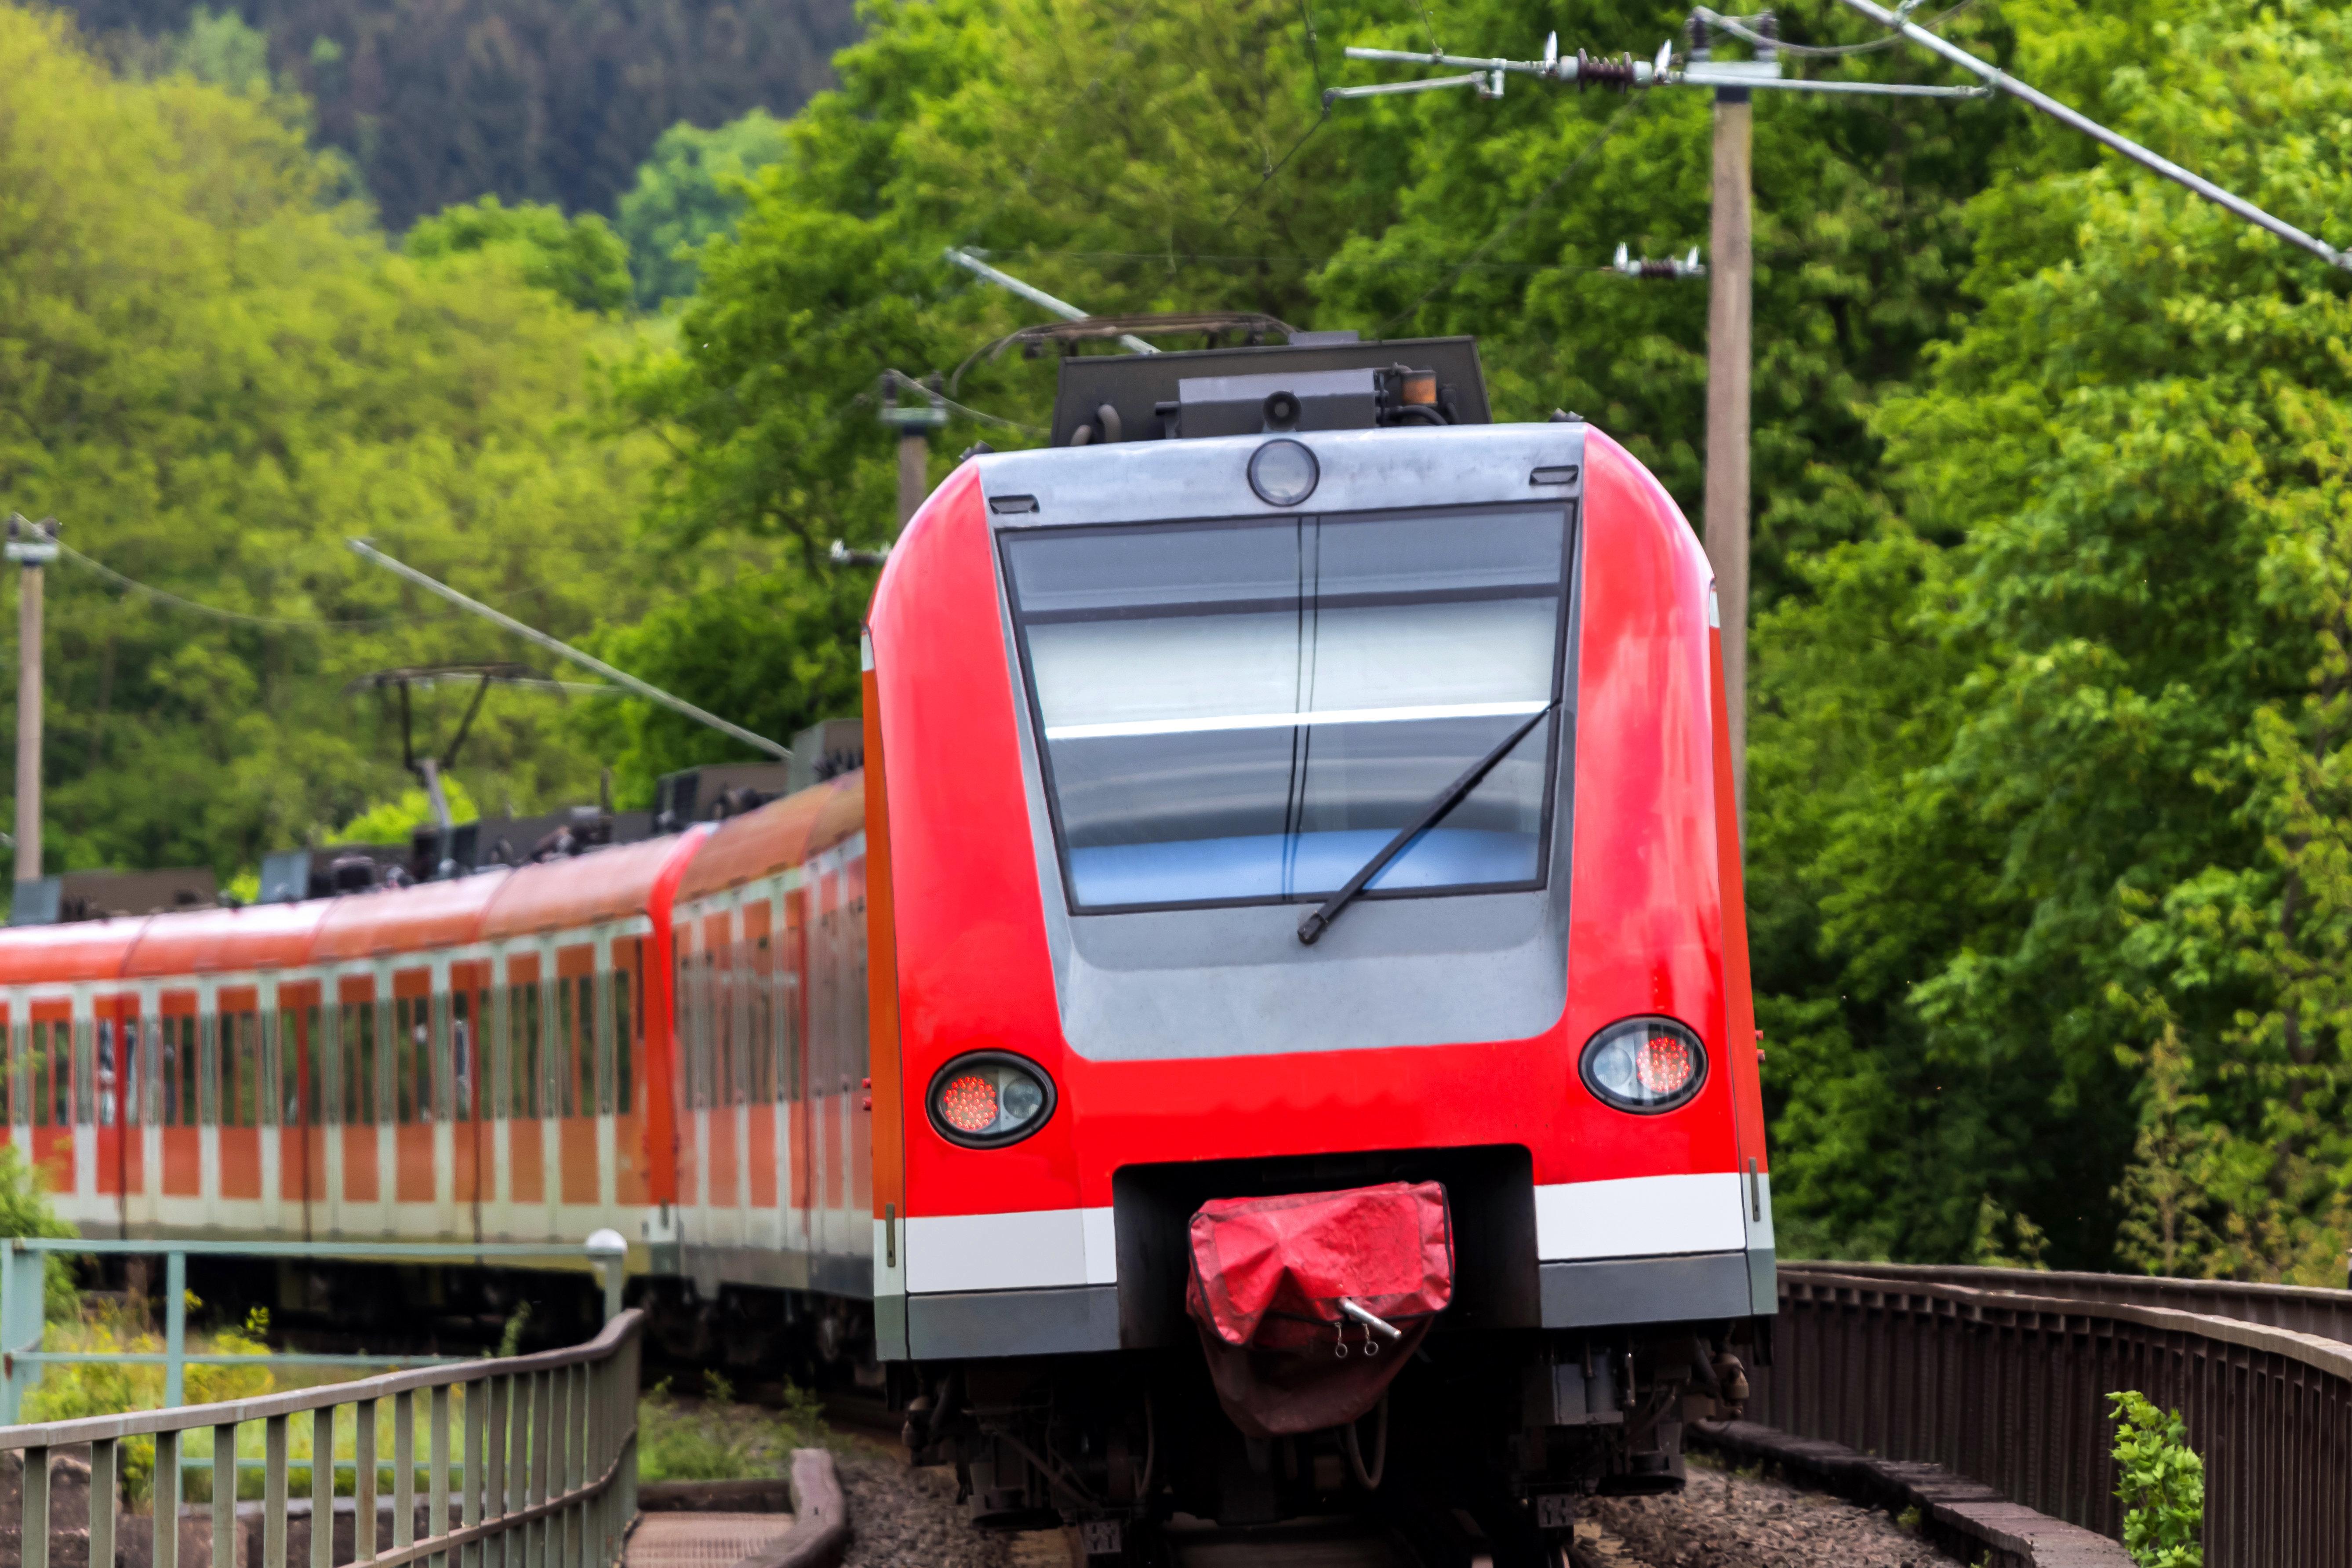 Eine Bürgerwehr der rechtsextremen NPDsoll in einer Berliner S-Bahn patrouilliert haben.